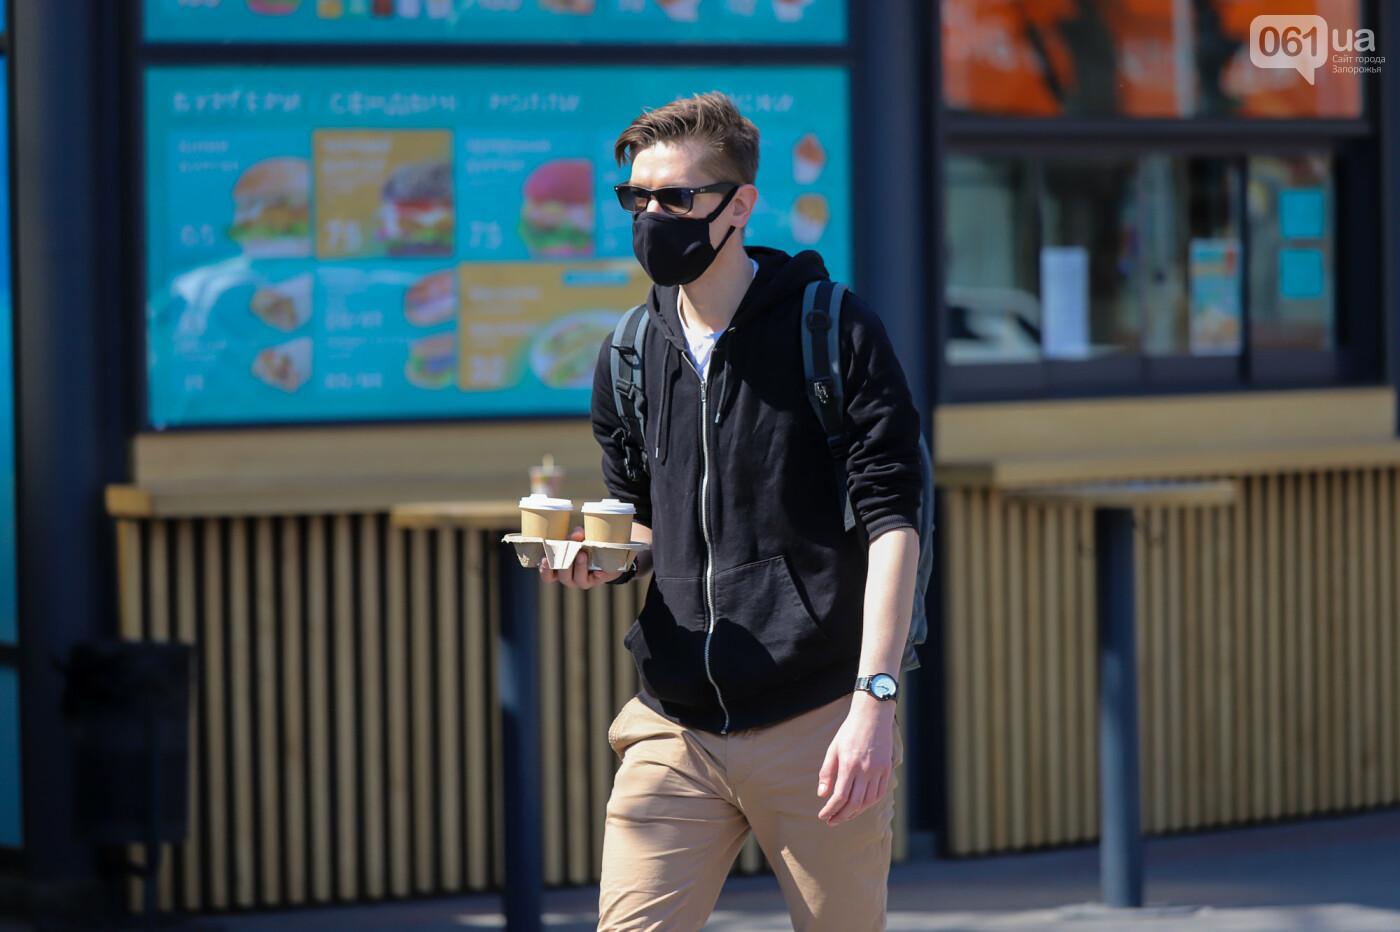 Вход только в масках: как выглядит Запорожье на карантине, - ФОТОРЕПОРТАЖ, фото-8